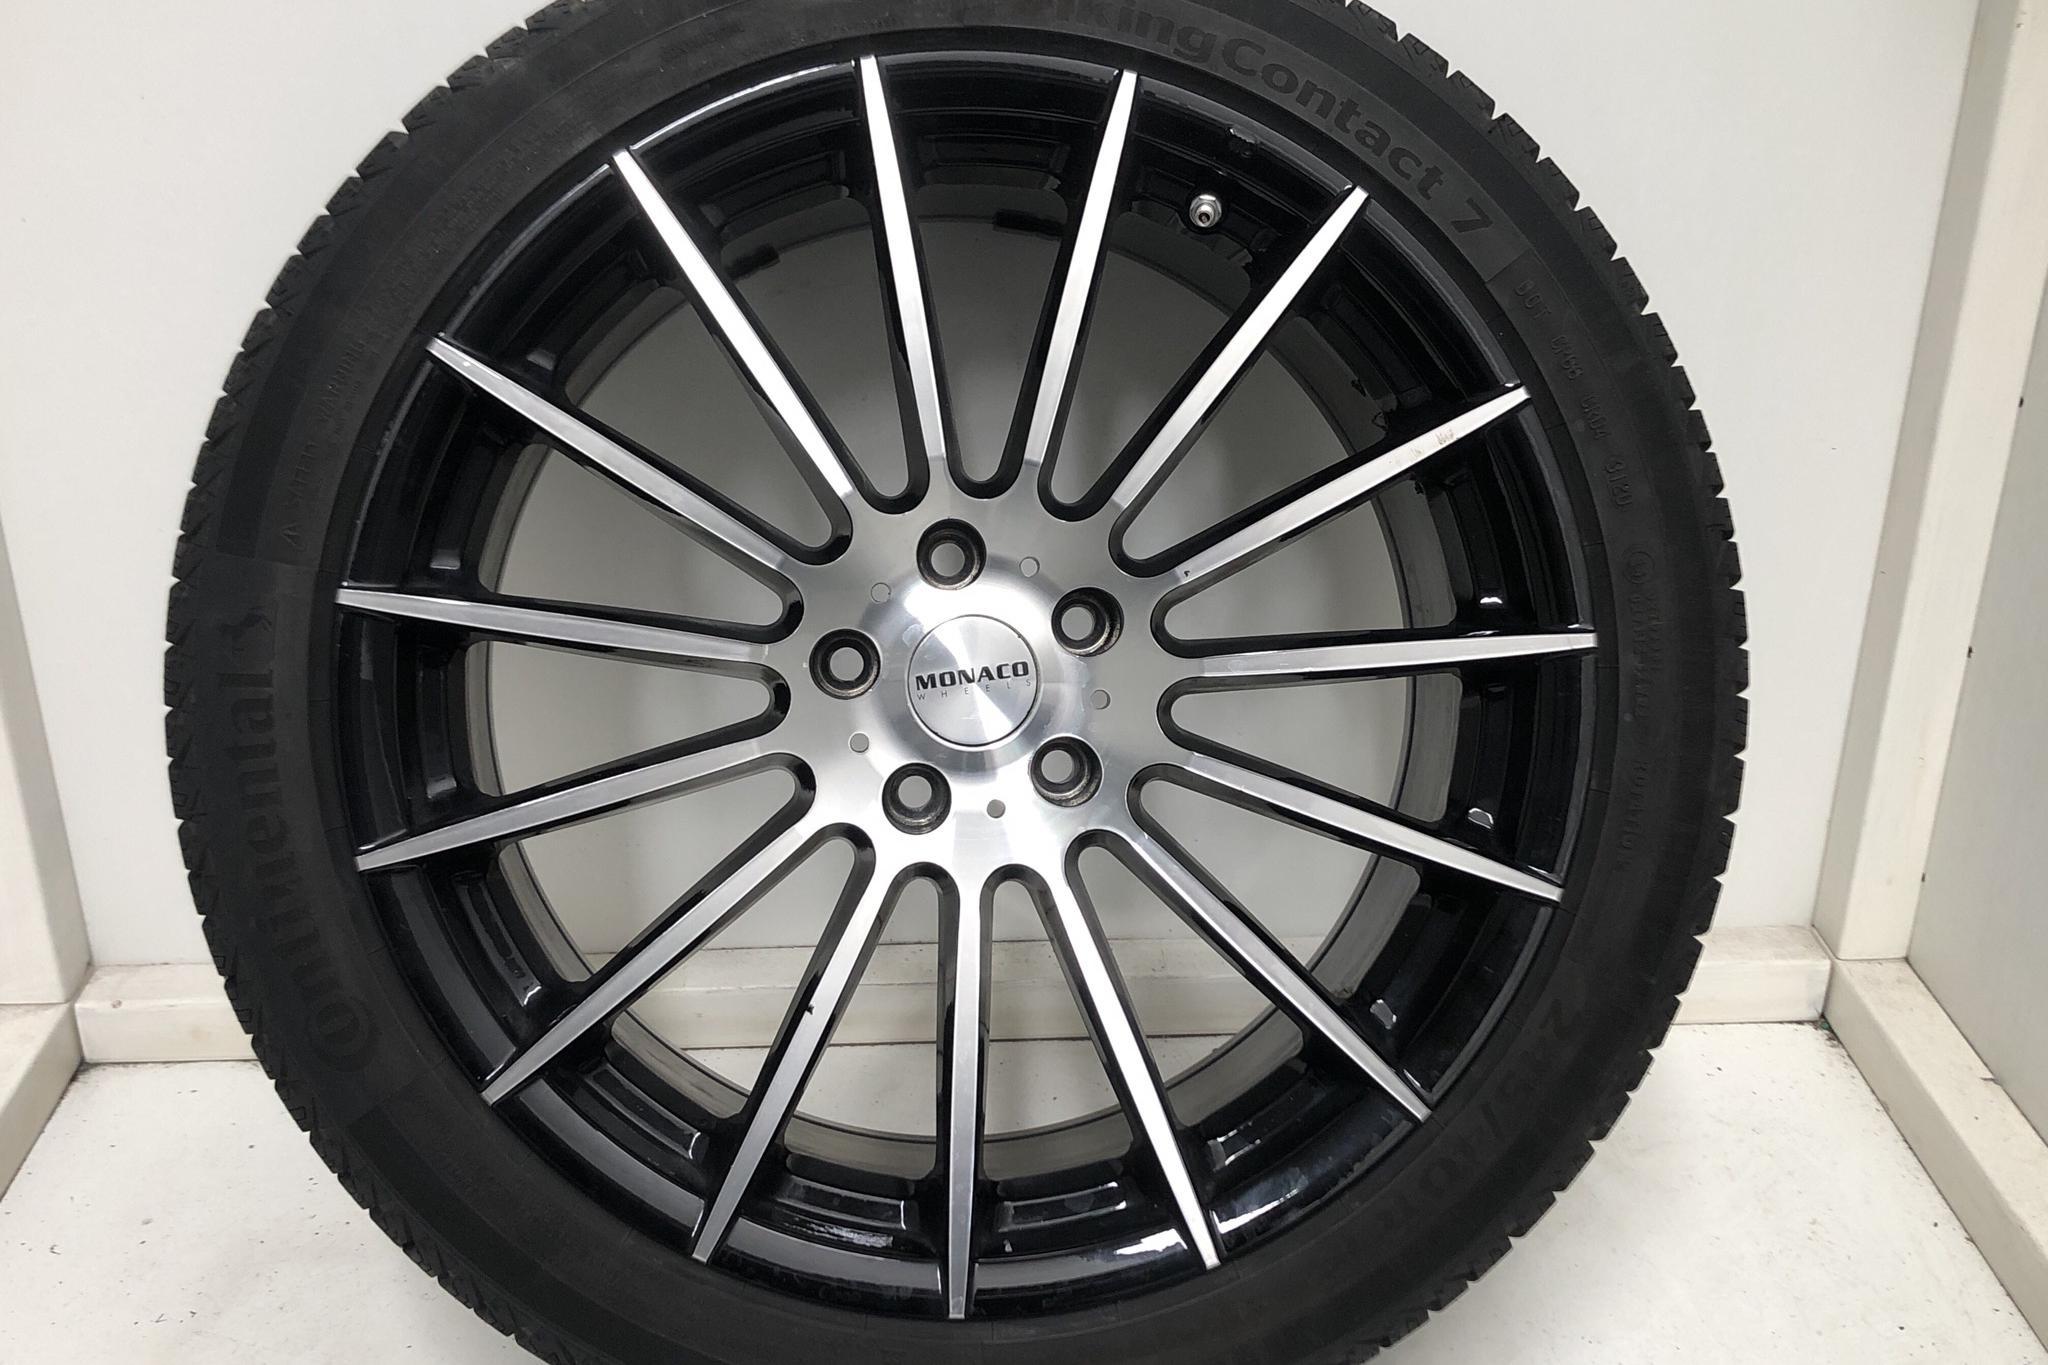 BMW 520d xDrive Touring, G31 (190hk) - 41 340 km - Automatic - blue - 2019